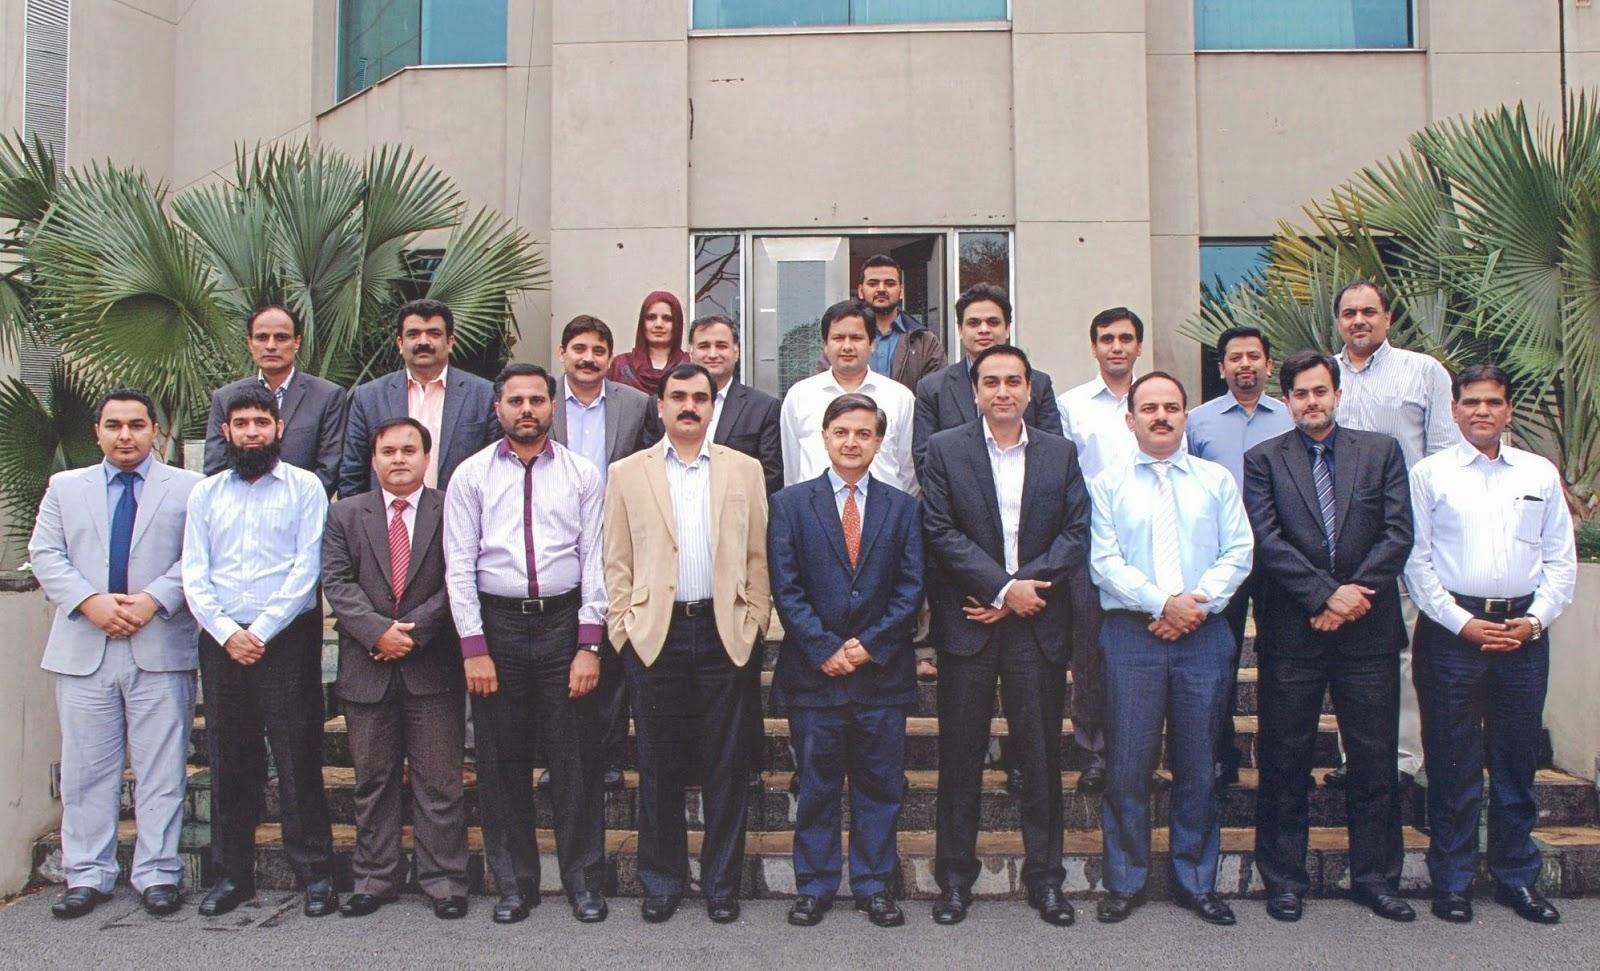 Lahore School of Economics: Lahore School of Economics